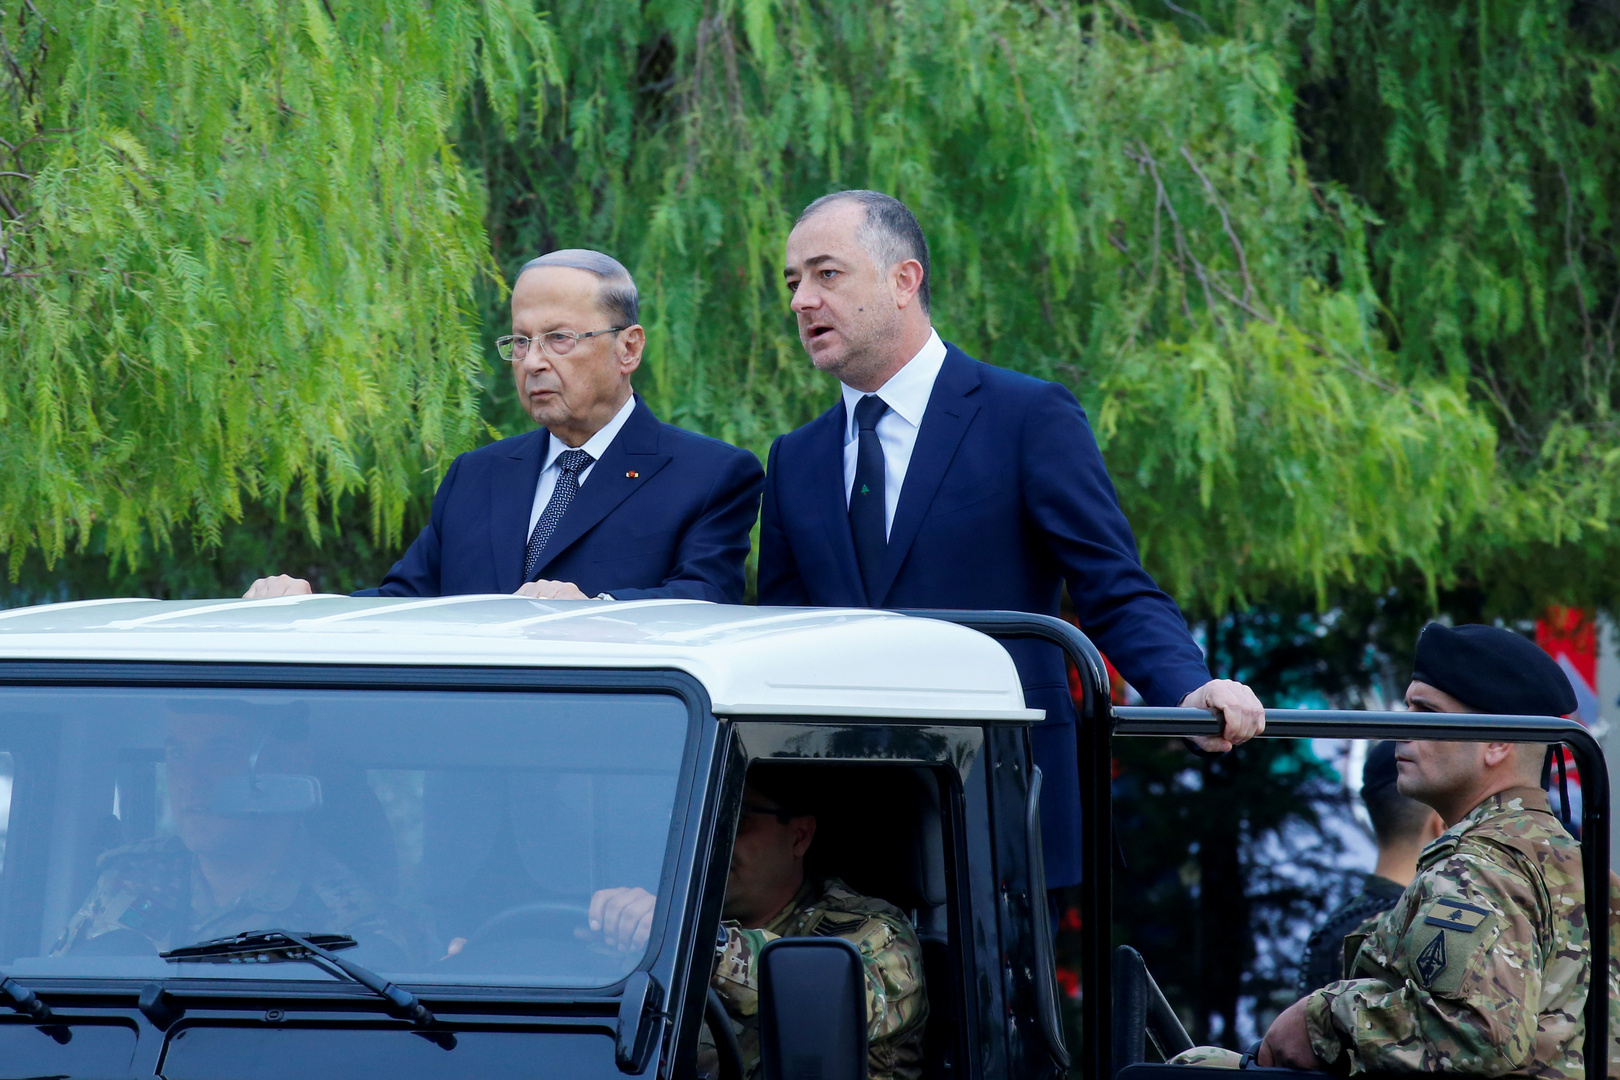 وزير الدفاع اللبناني: عبء النازحين السوريين فجر الأزمة الاقتصادية في بلادنا